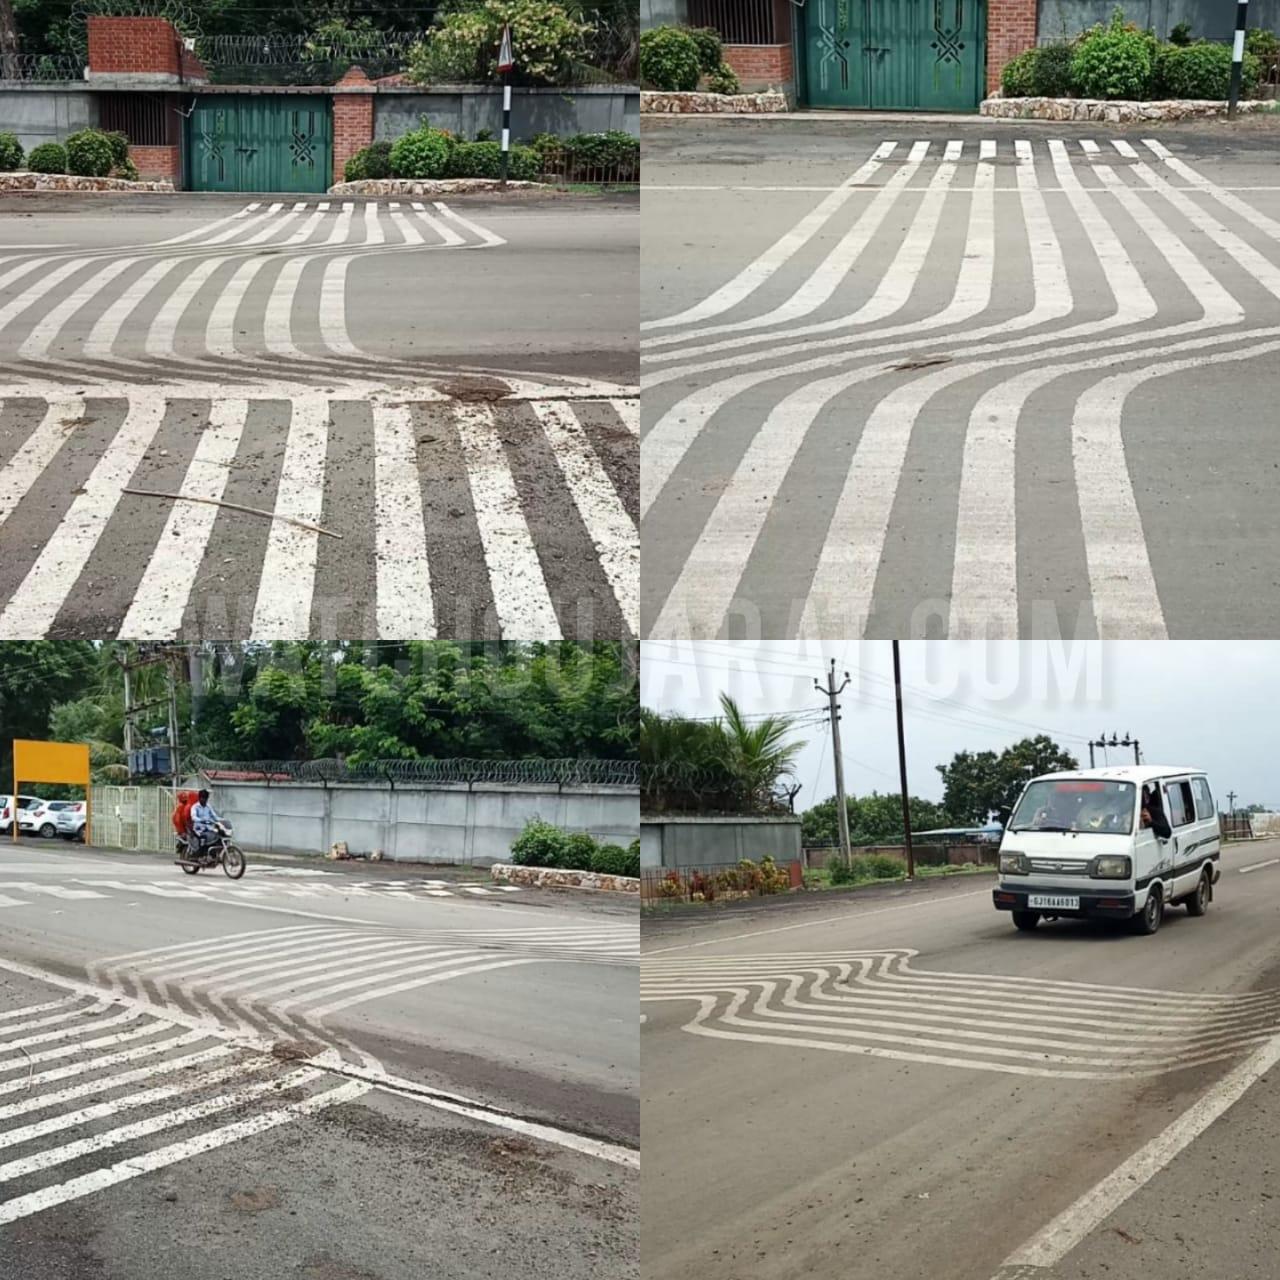 Gujarat, Shinor-segva mota fofadiya Road Zebra crossing